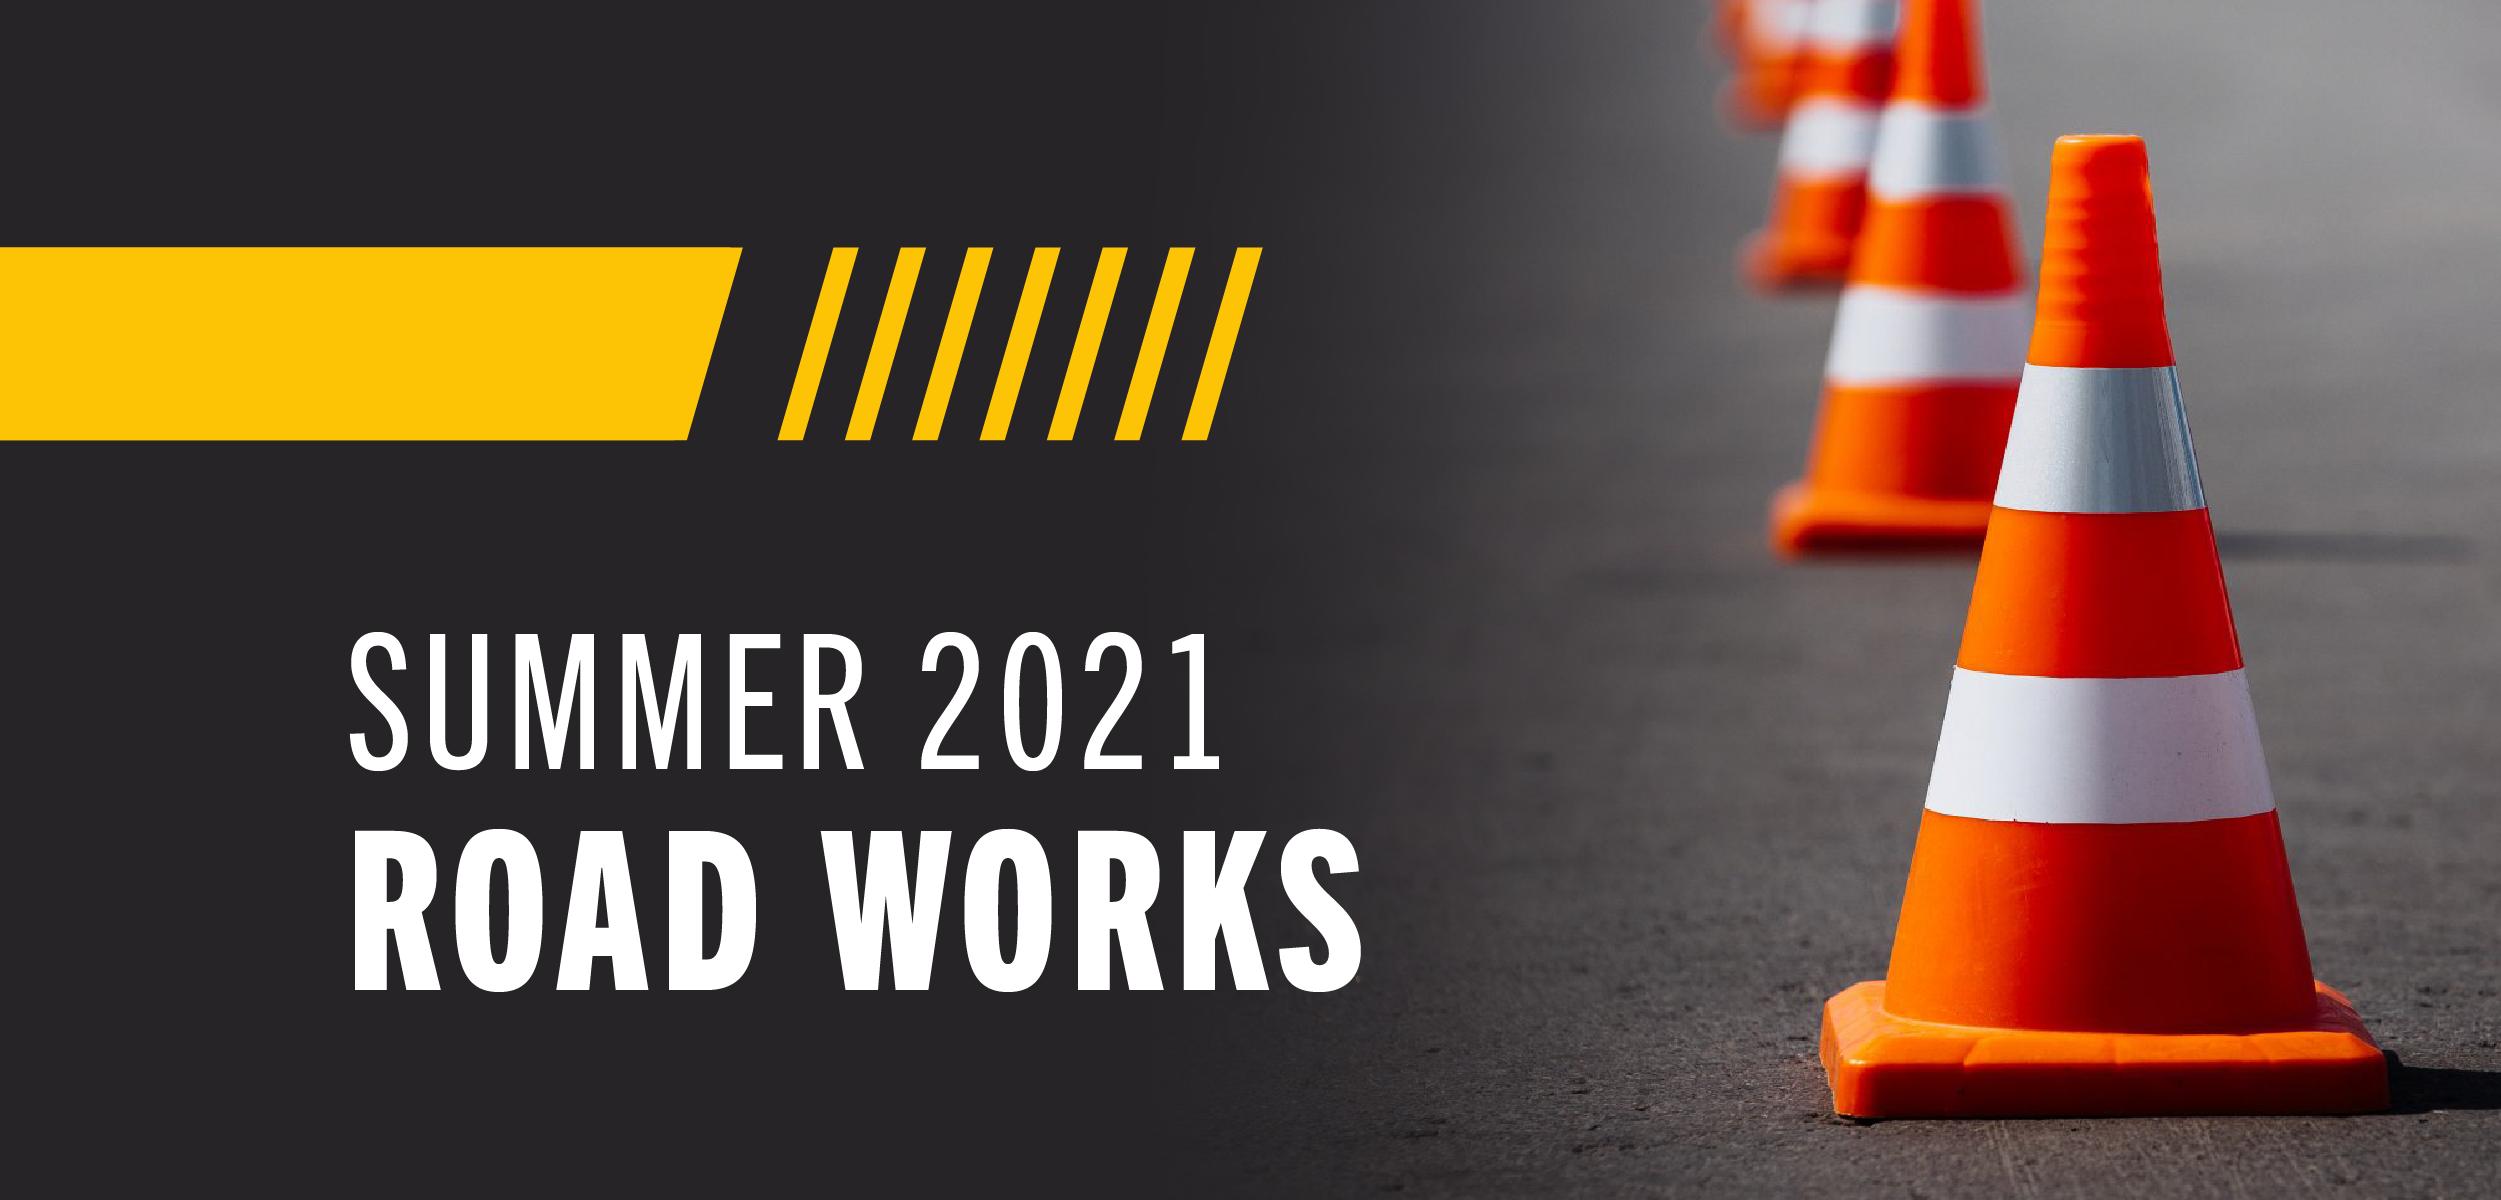 Beaudette road improvements